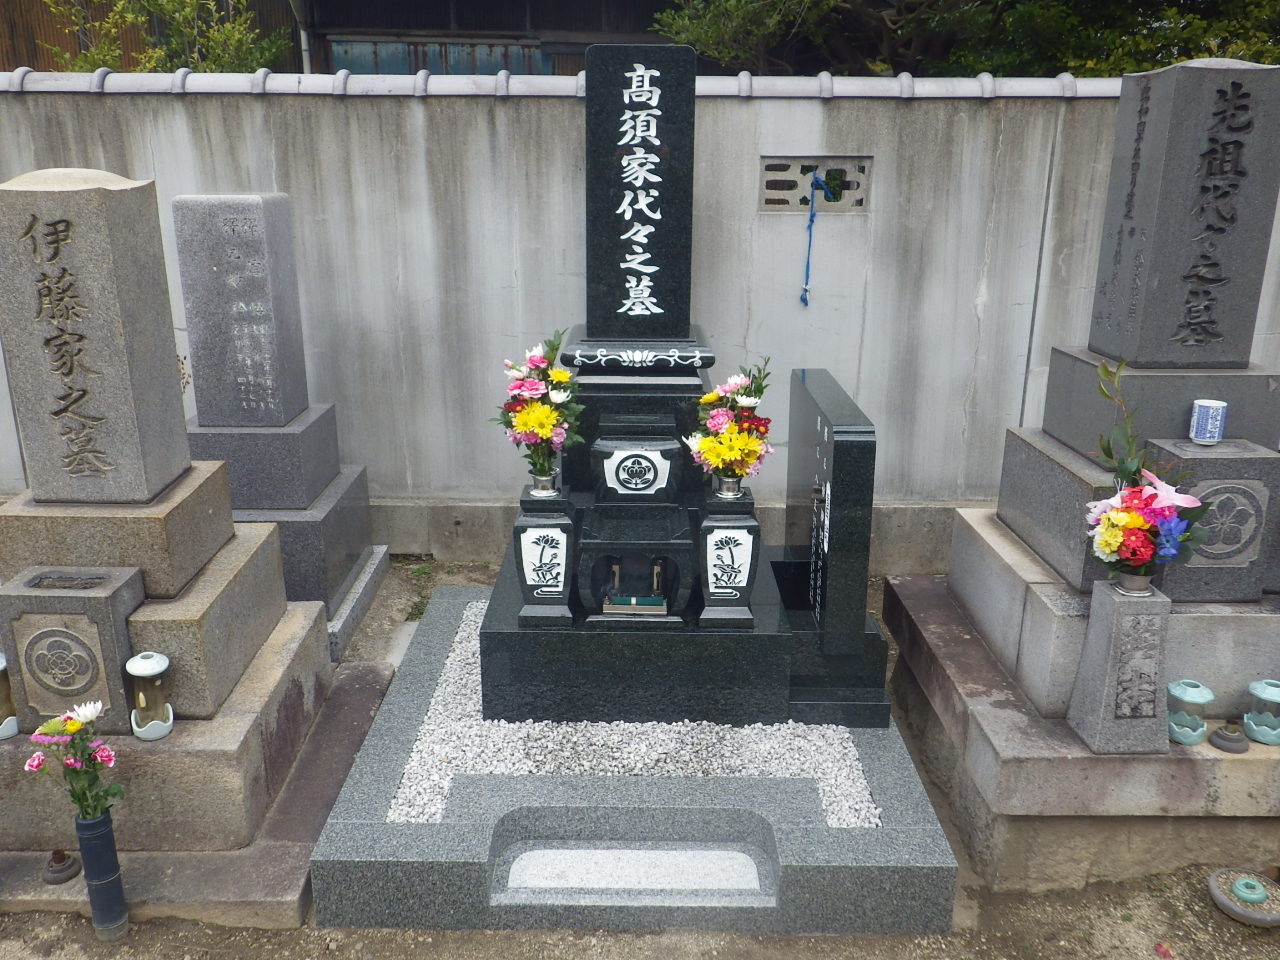 201603 ○西尾市 寺院墓地(安休寺)  インド産M1-H 8寸和型 髙須哲也様